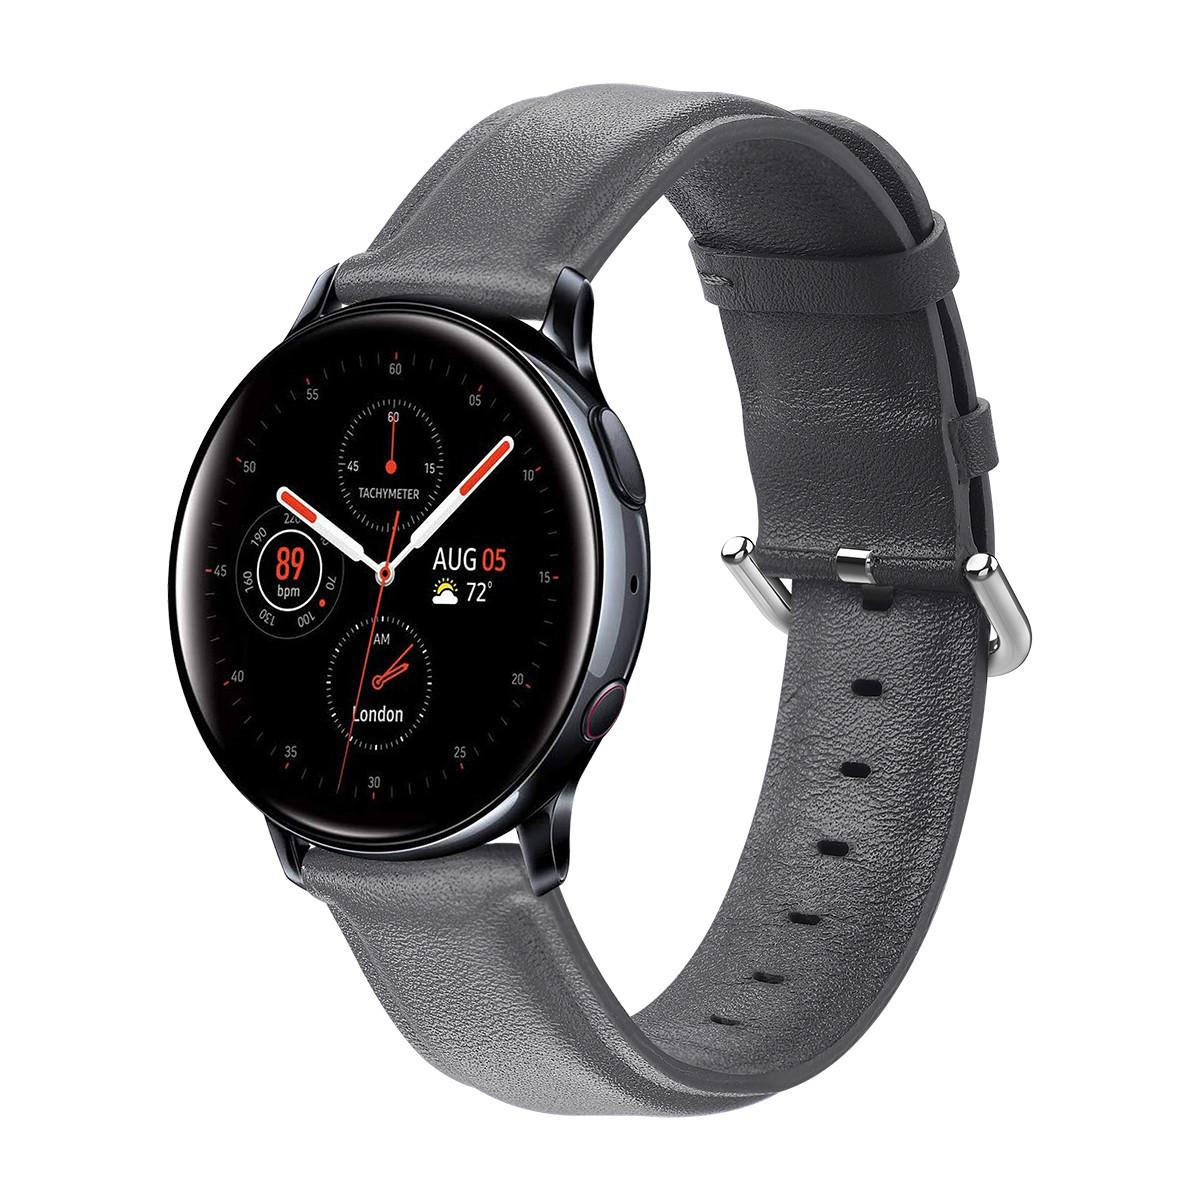 Ремешок для Samsung Active | Active 2 | Galaxy watch 42mm кожаный 20мм размер L Серый BeWatch (1220104)